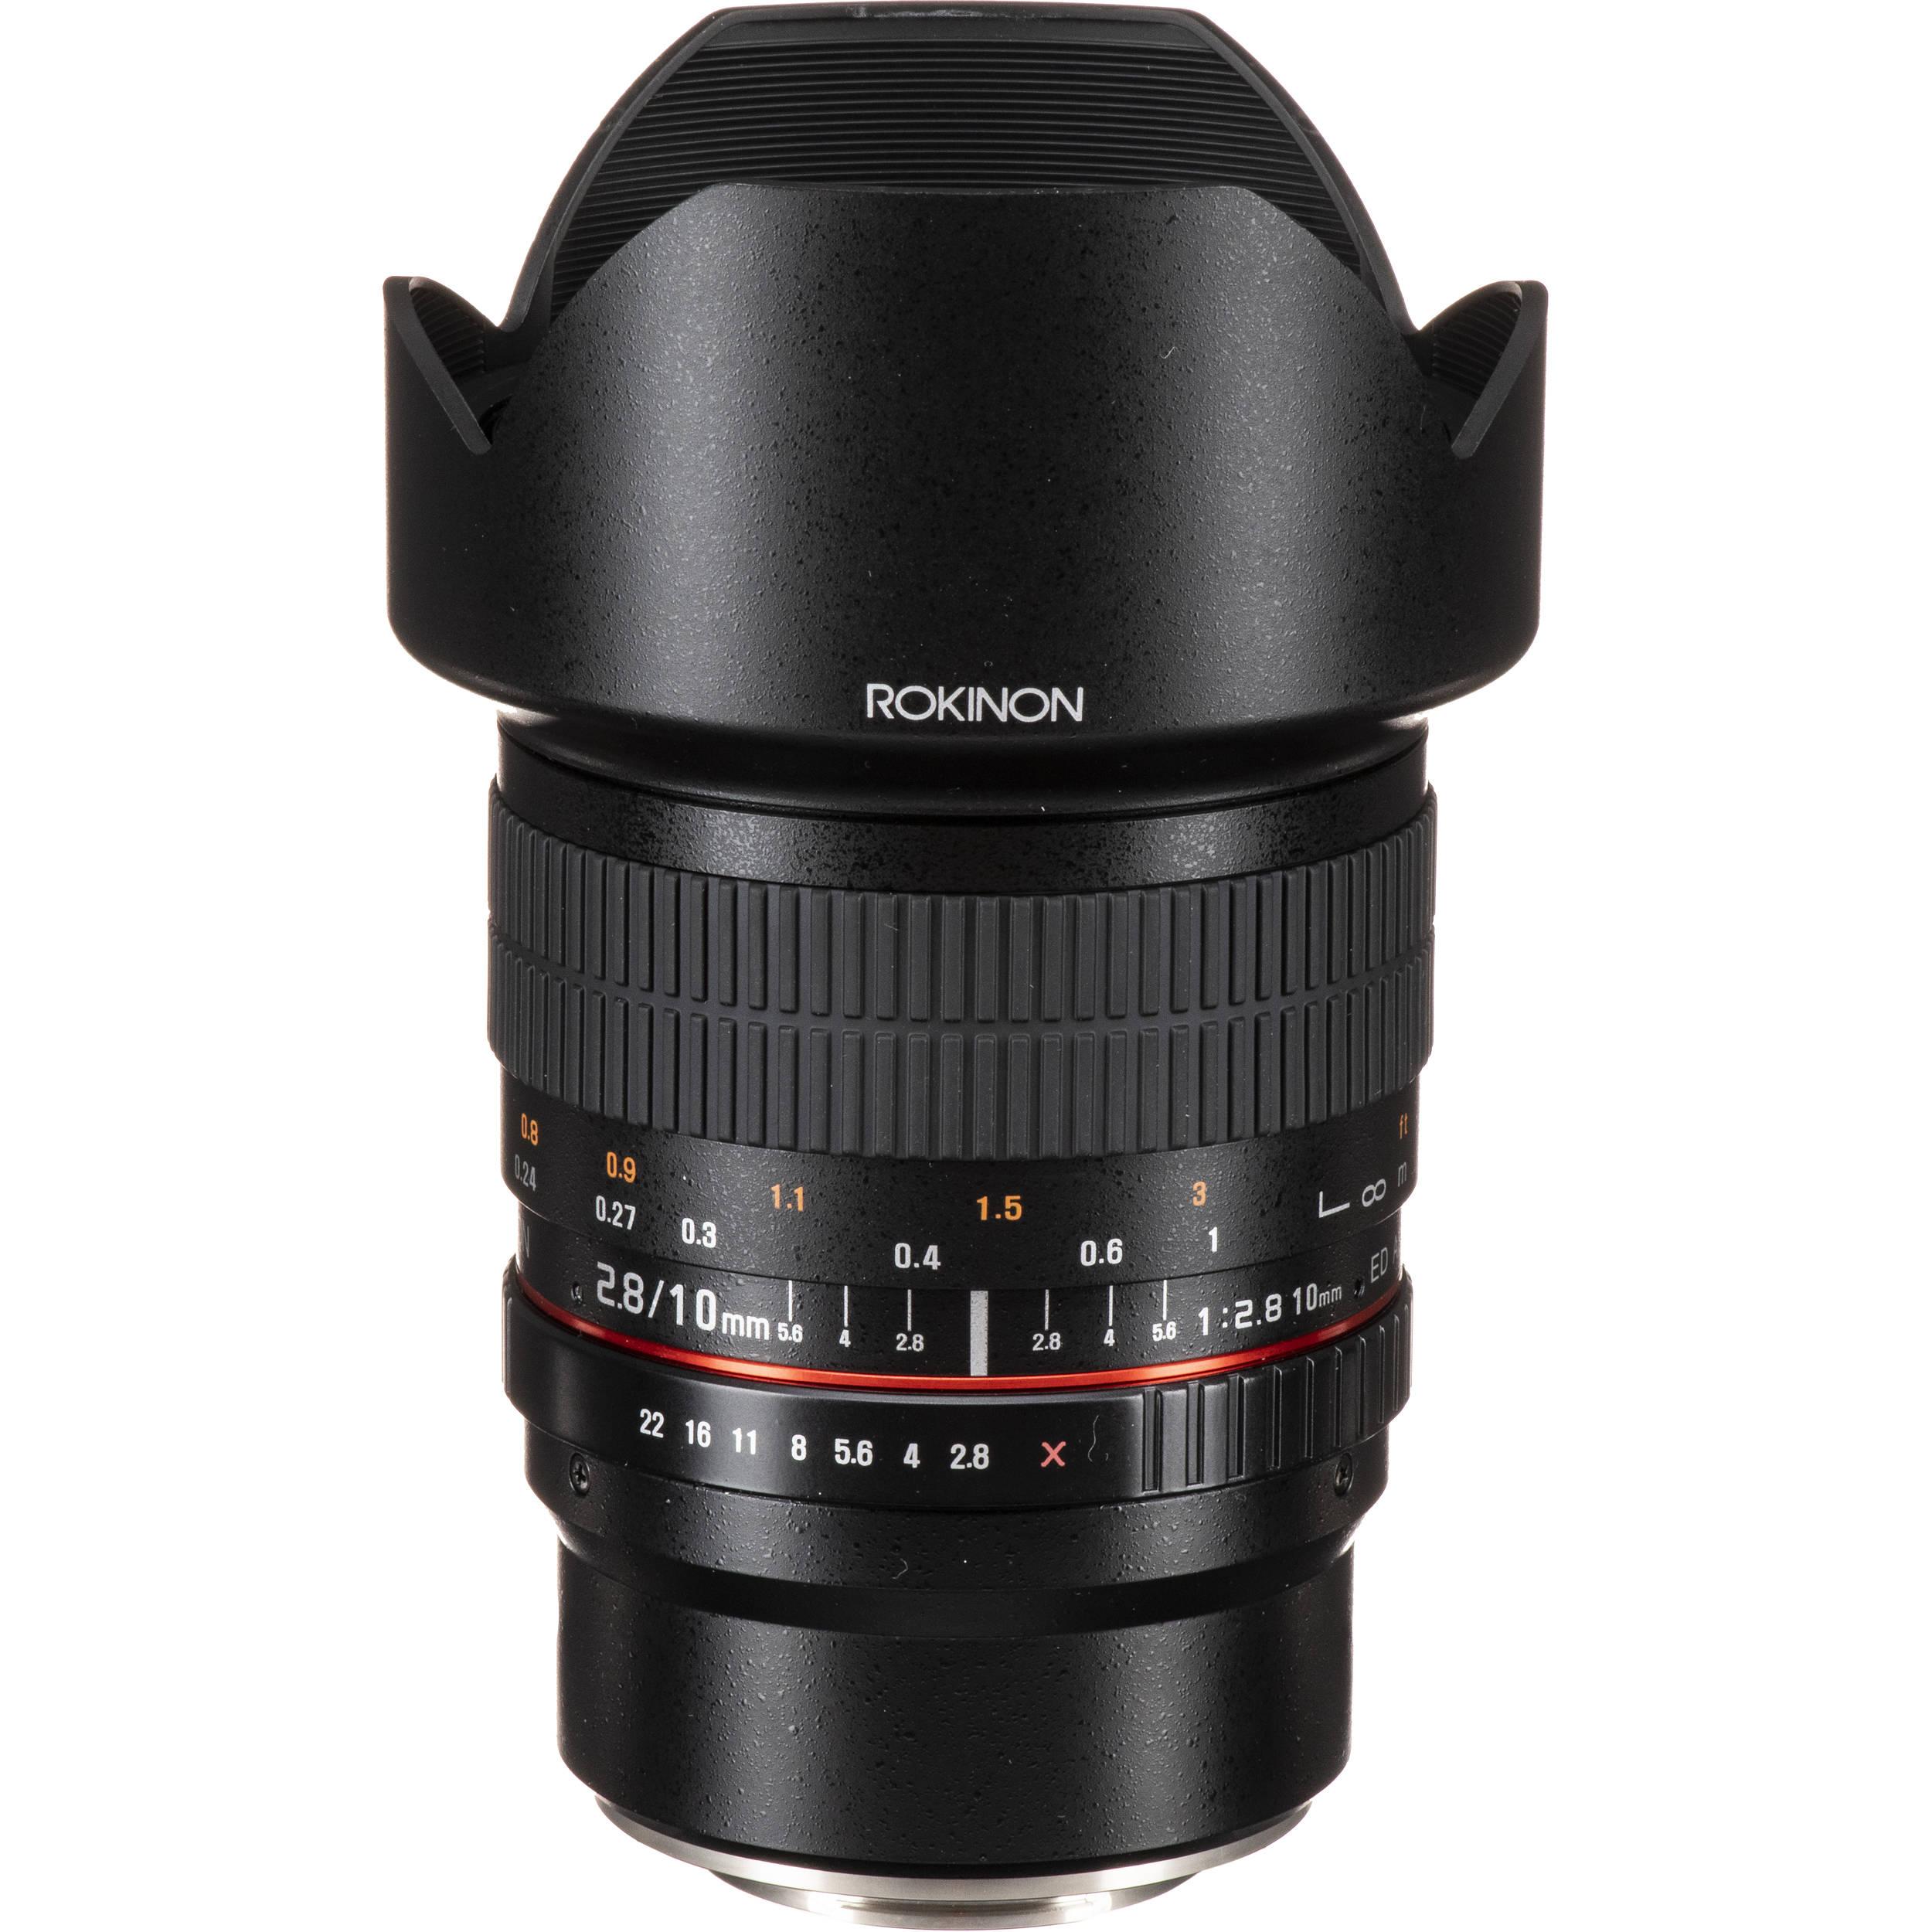 Rokinon 10mm f/2 8 ED AS NCS CS Lens for Fujifilm X Mount